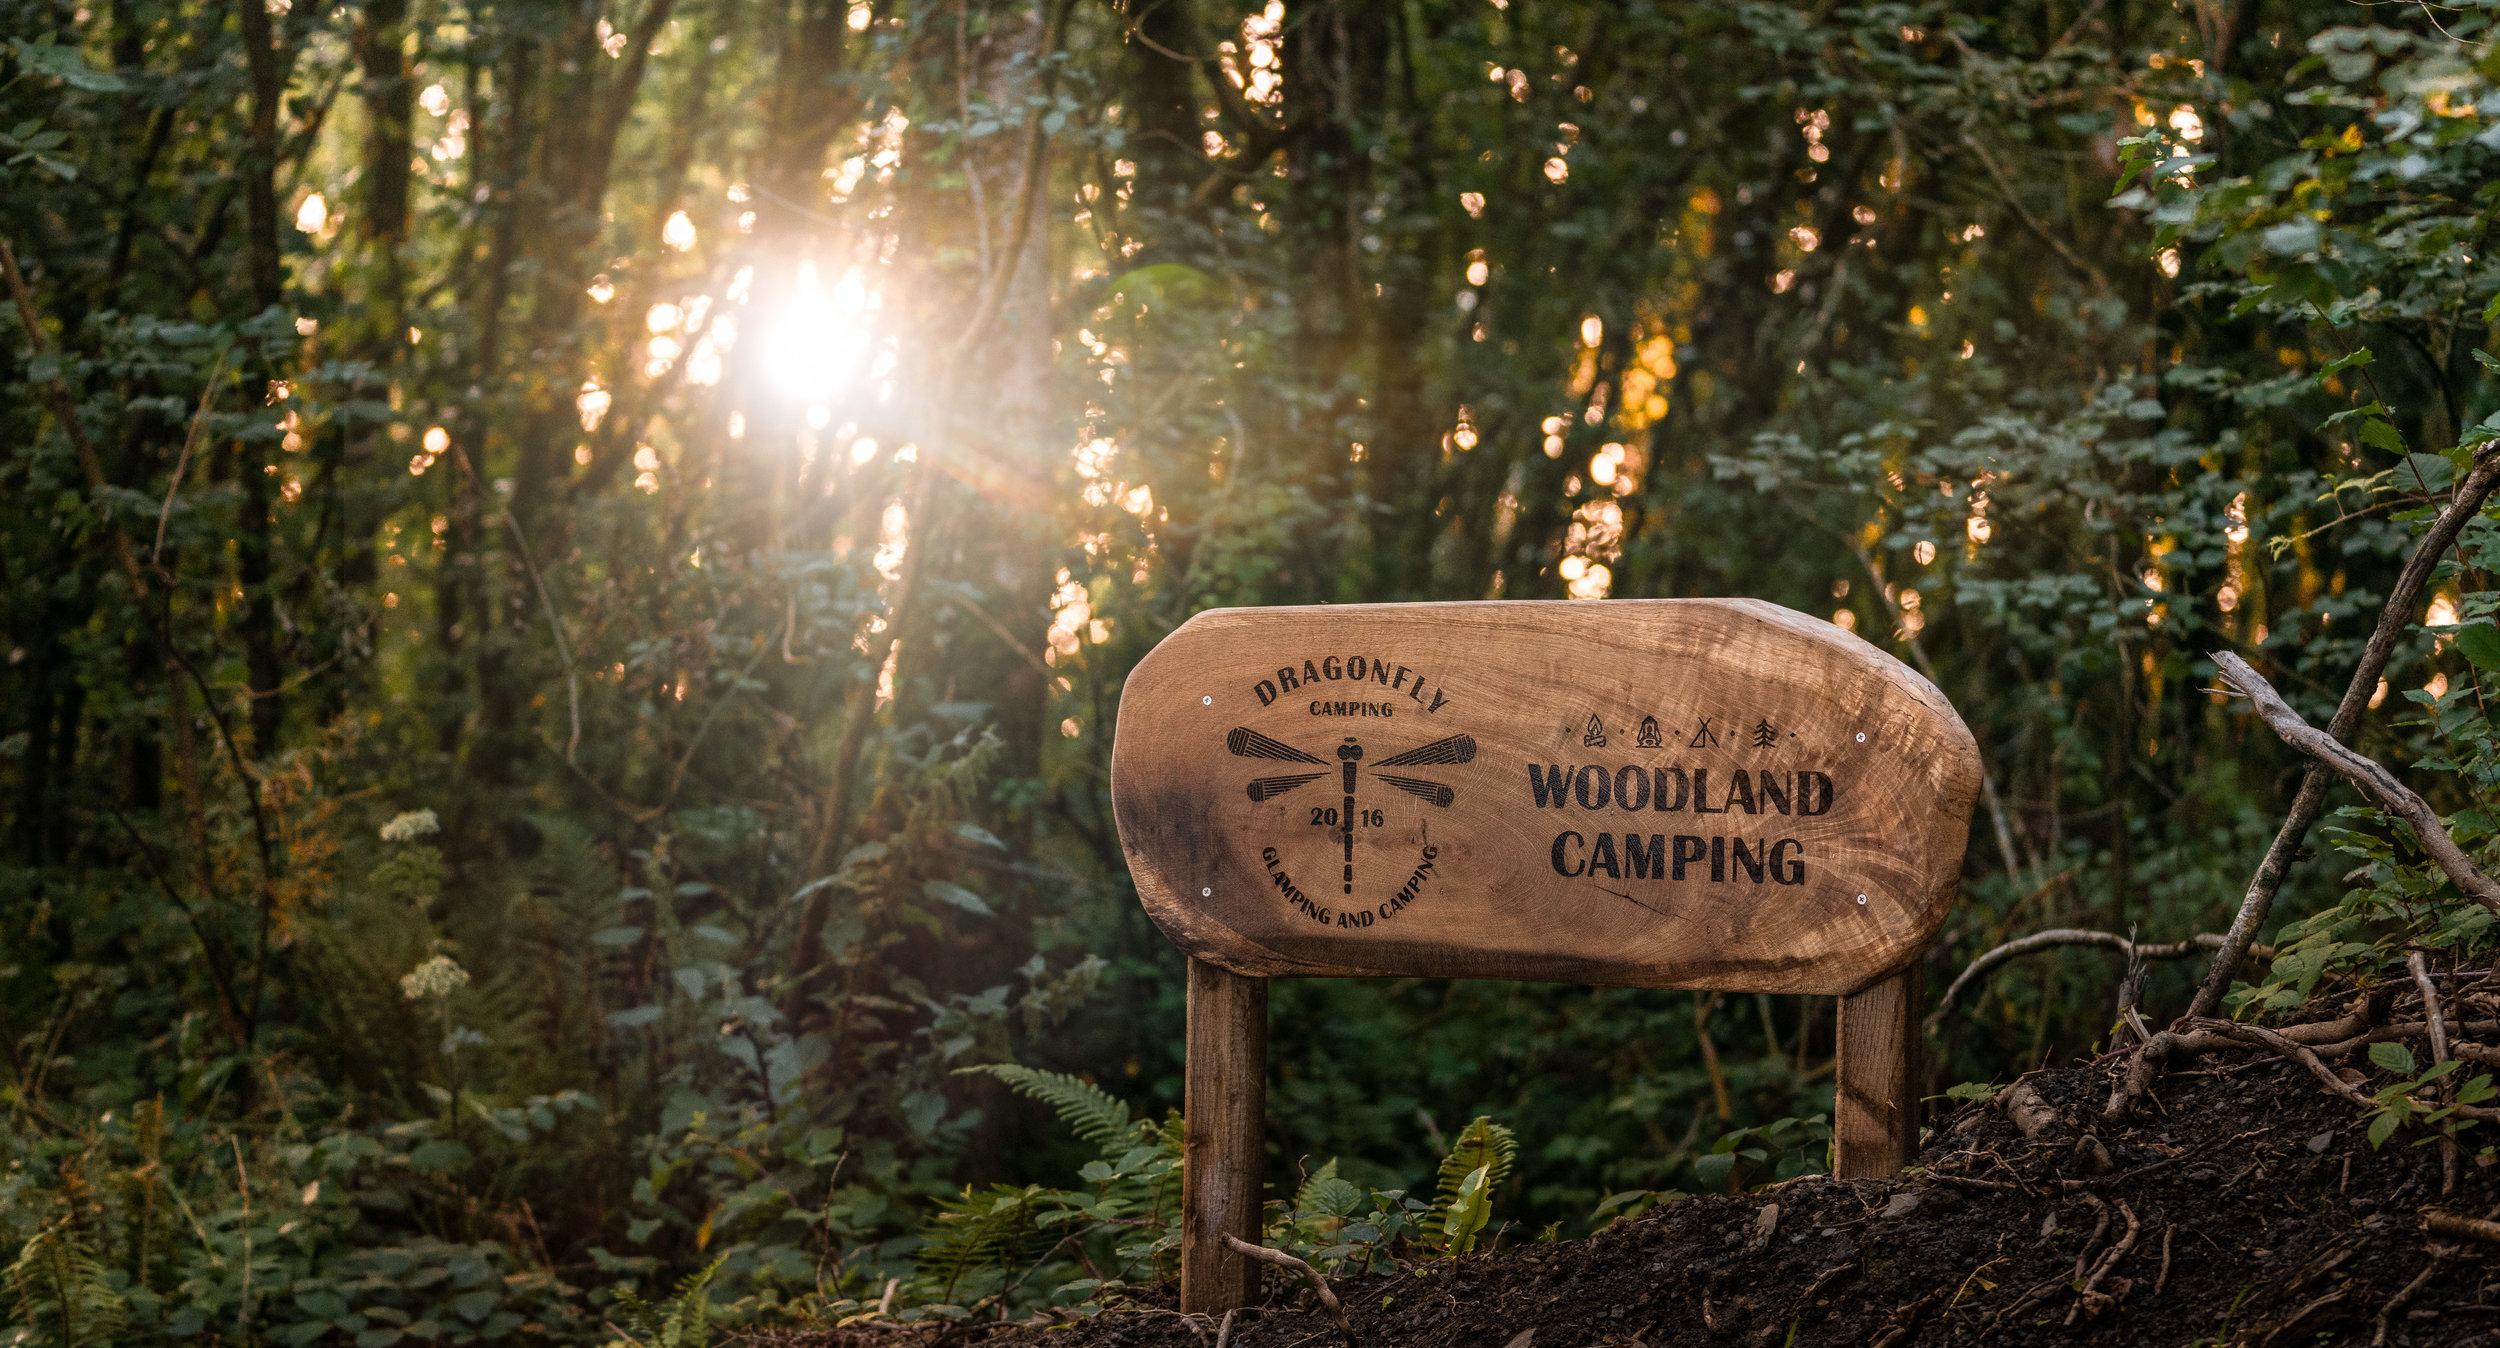 Woodland Camping Pembrokeshire Dragonfly Camping